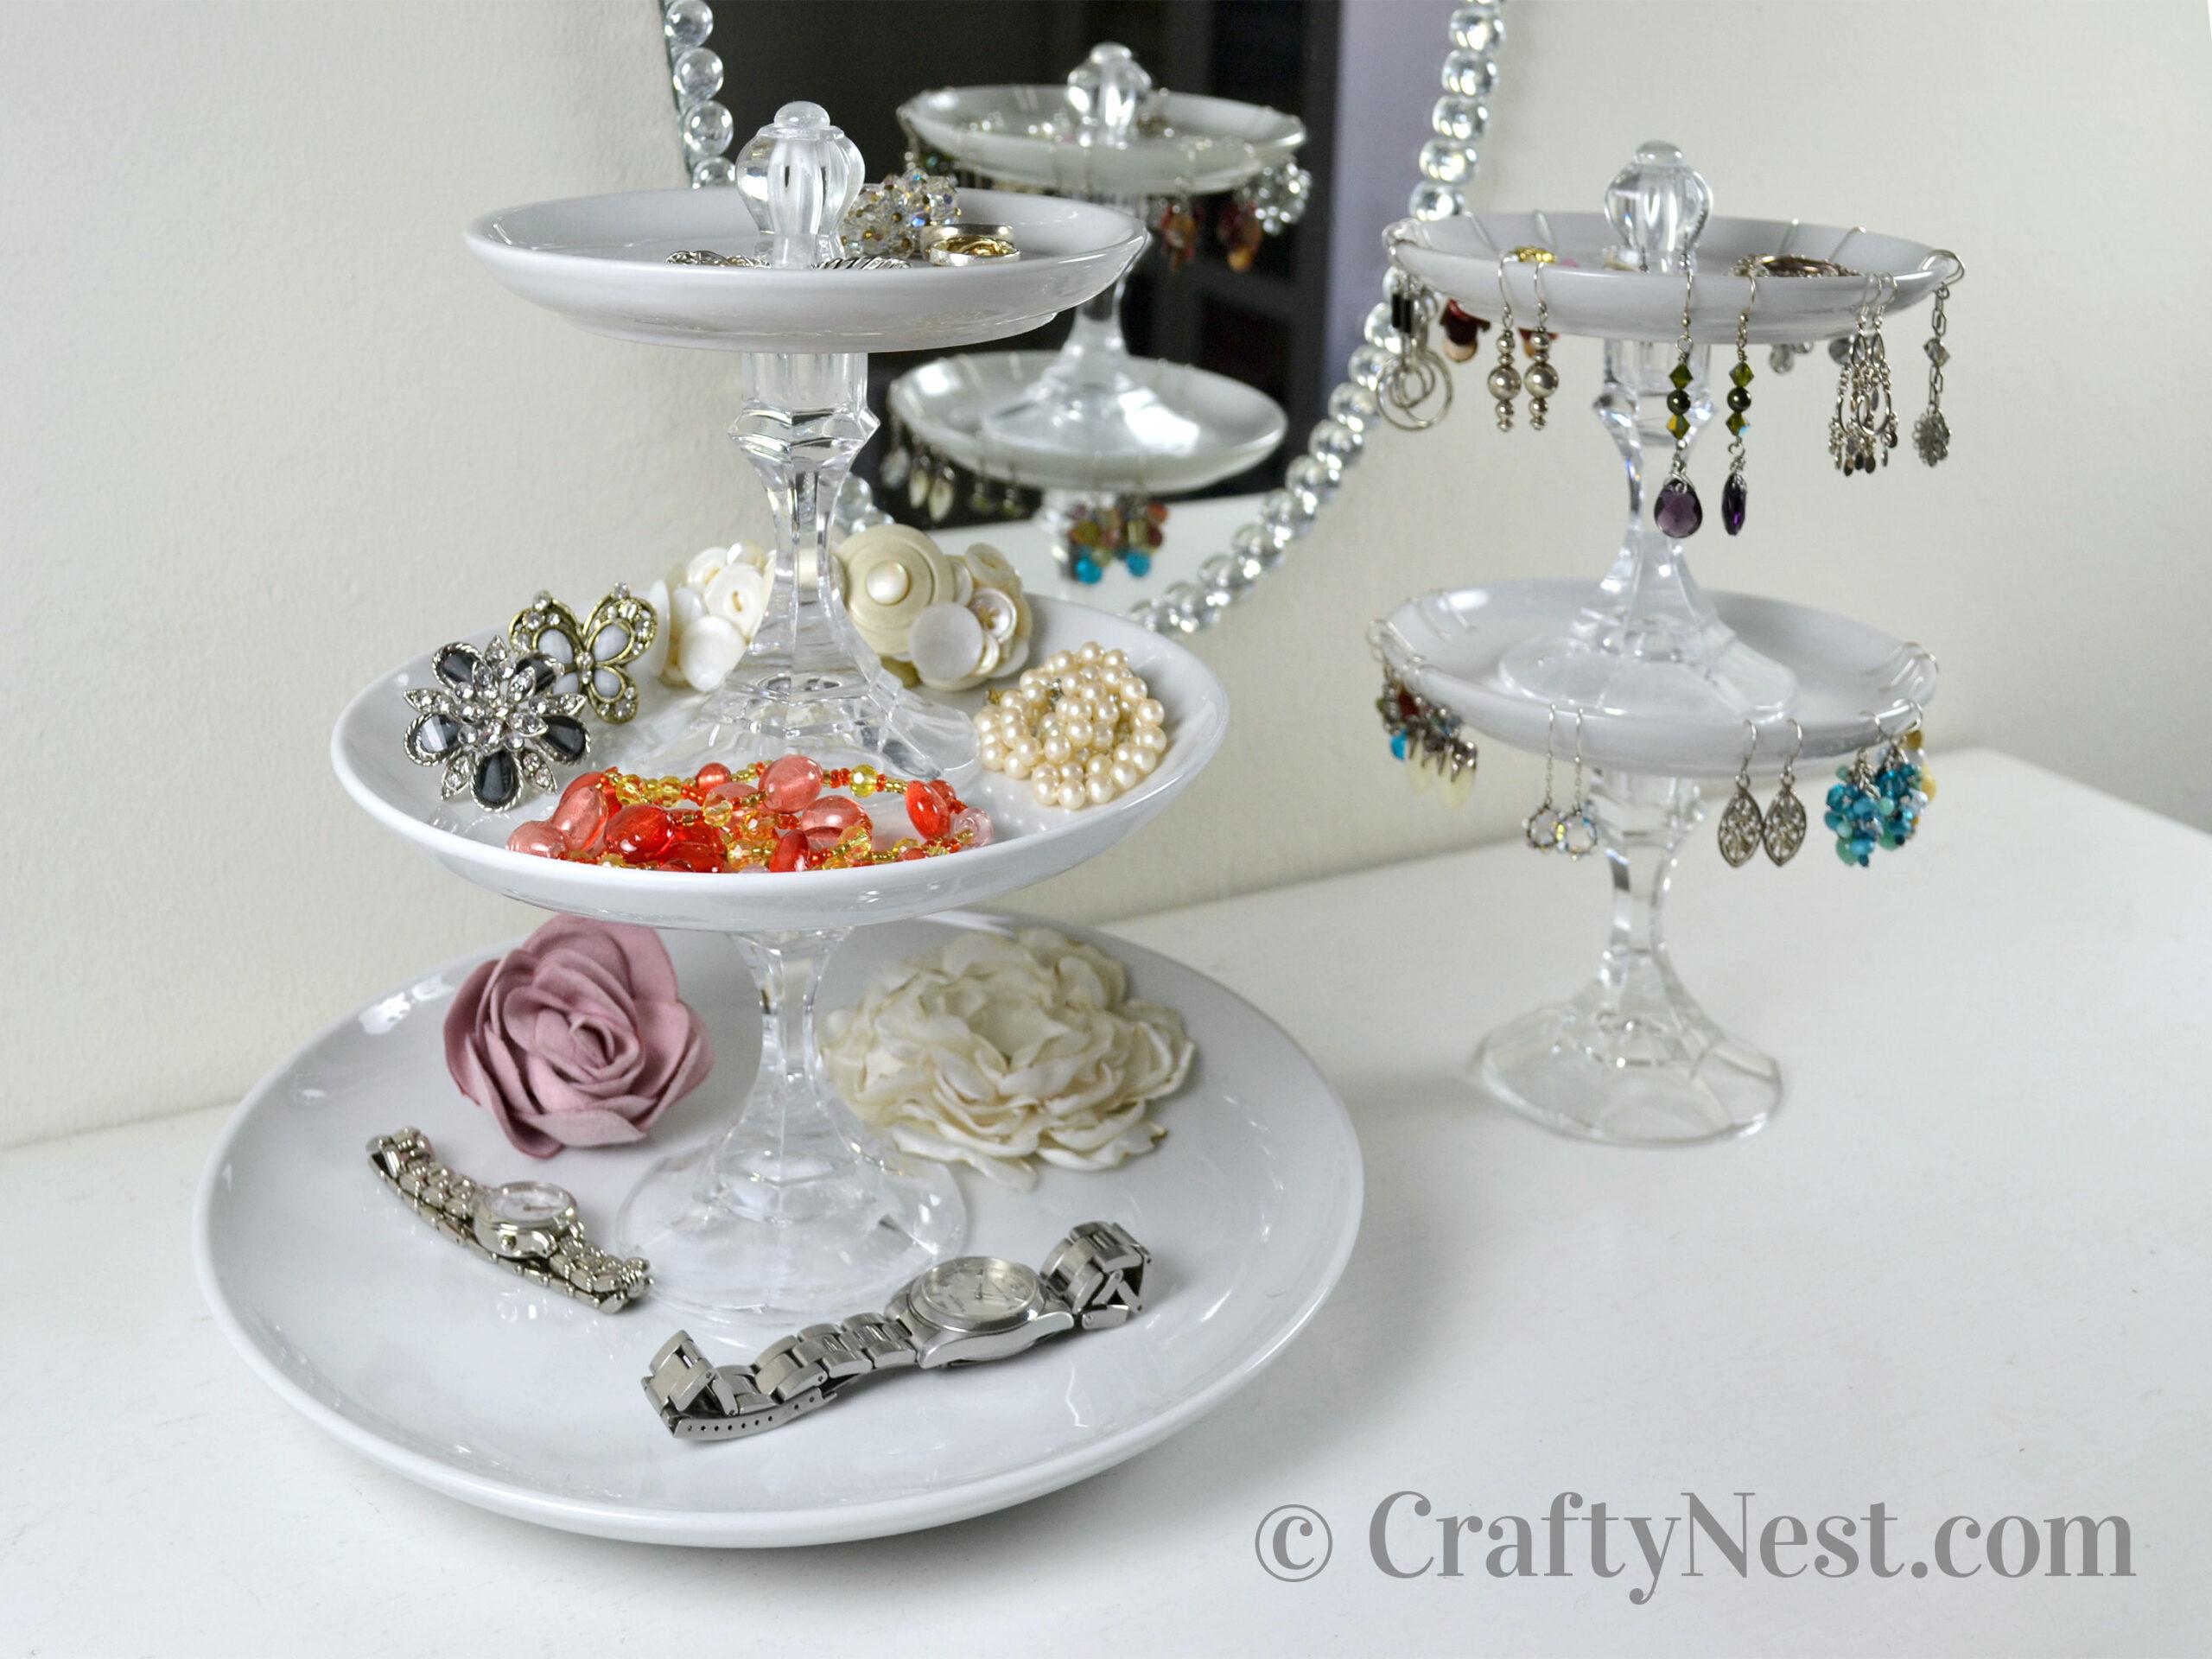 Tiered jewelry trays with jewelry, photo